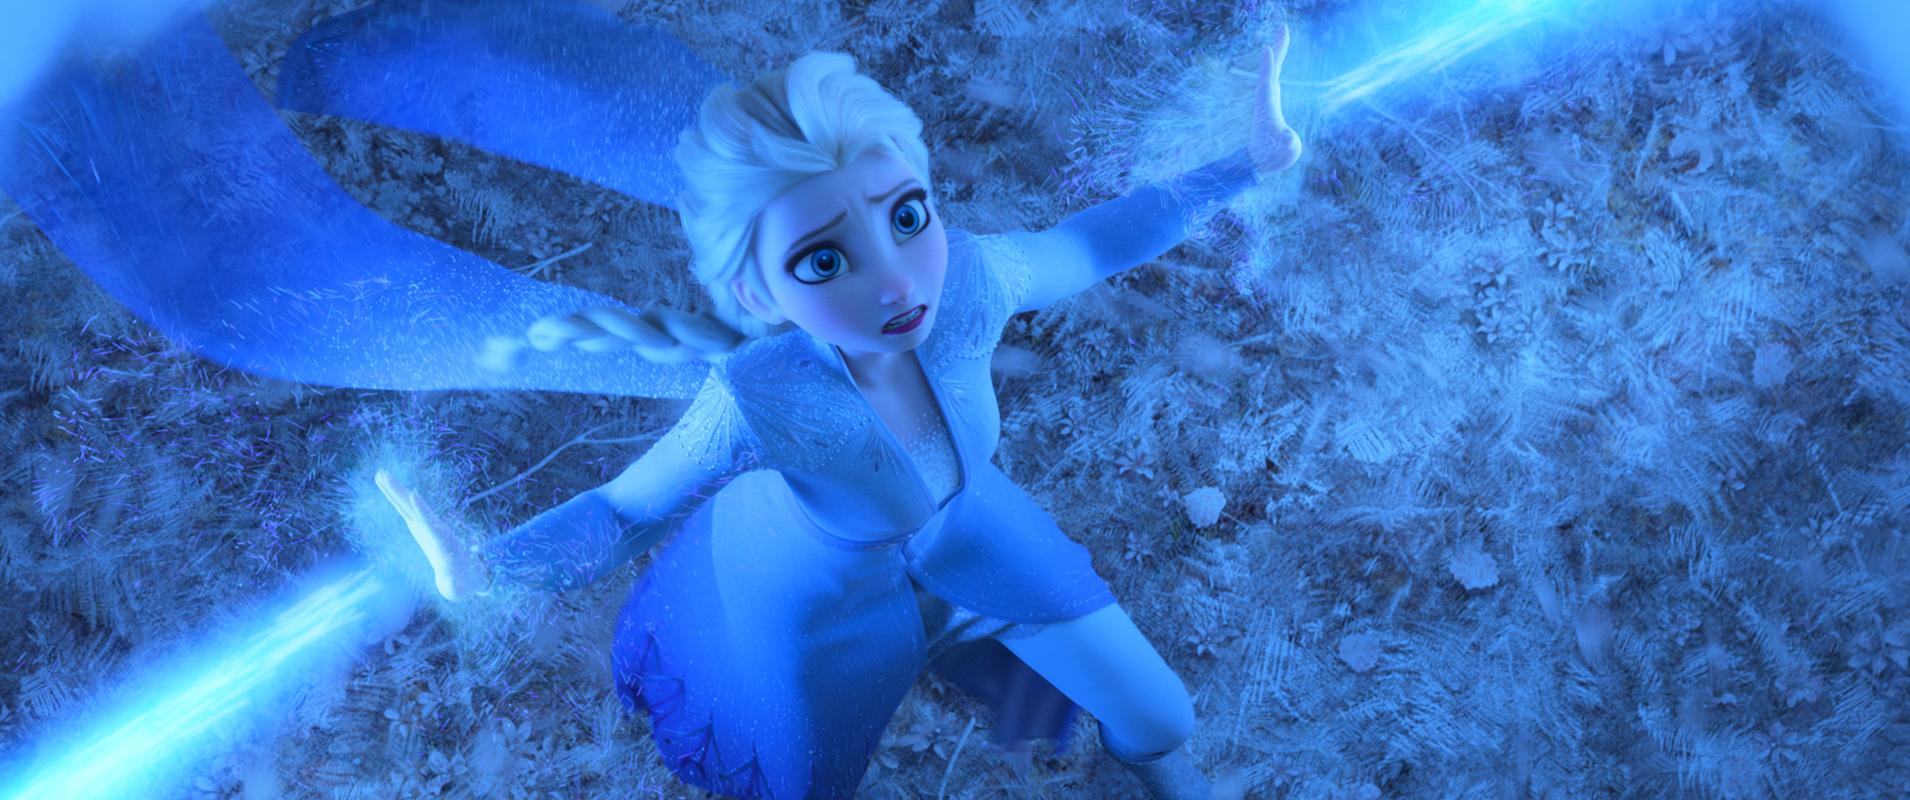 Elsa en Frozen II